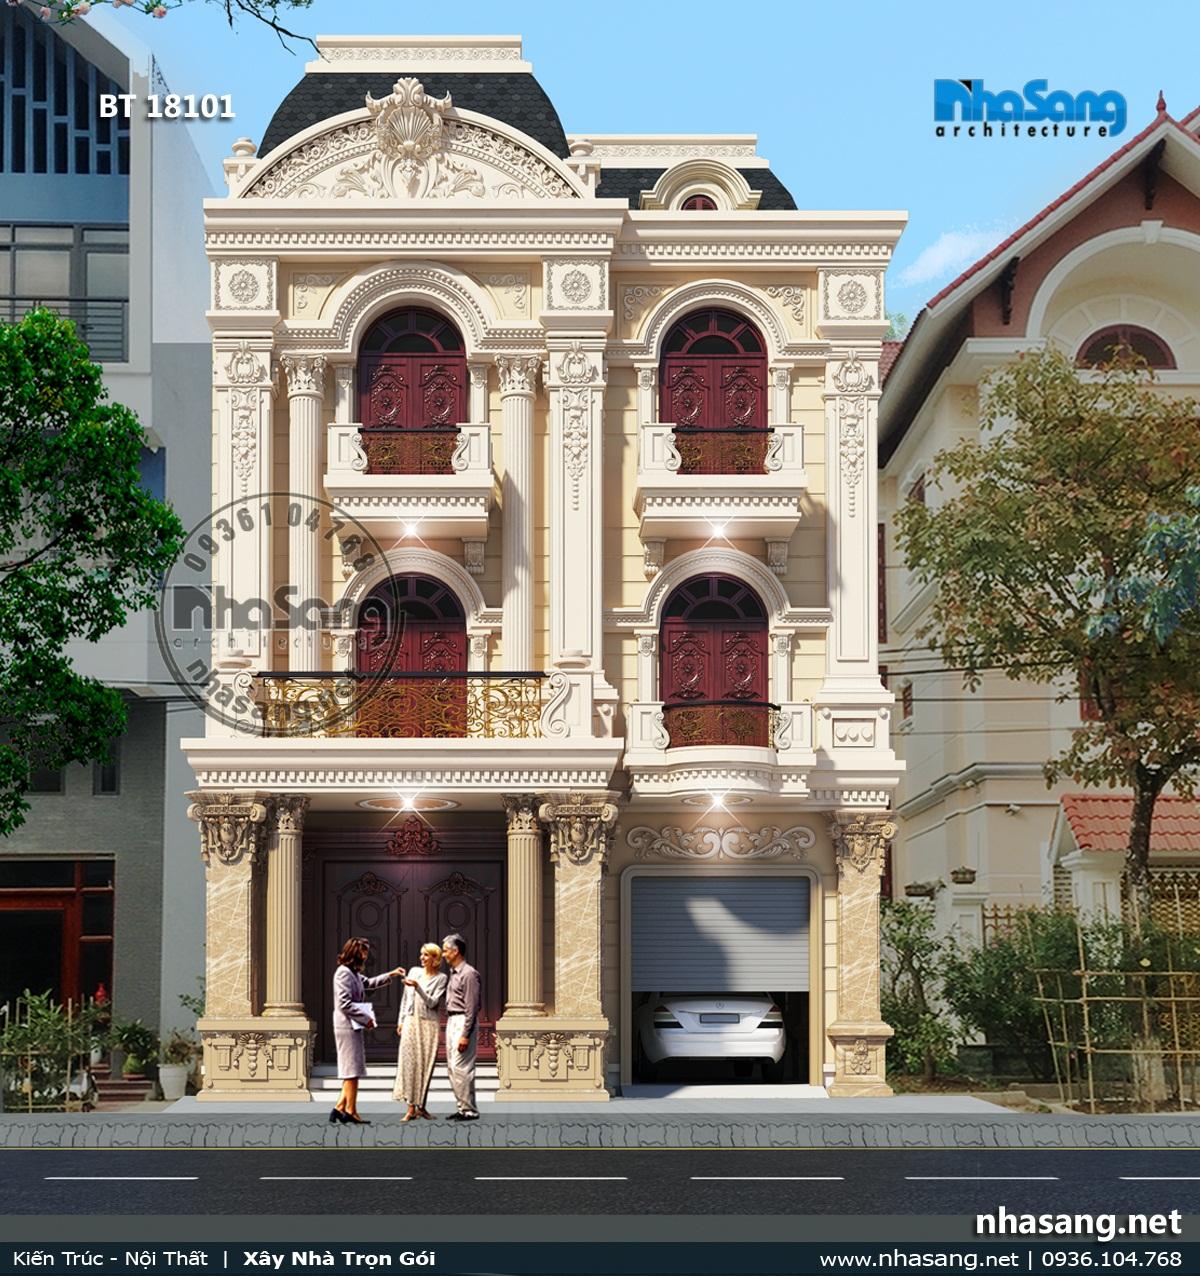 21 Mẫu biệt thự kiểu Pháp - Lạng Sơn